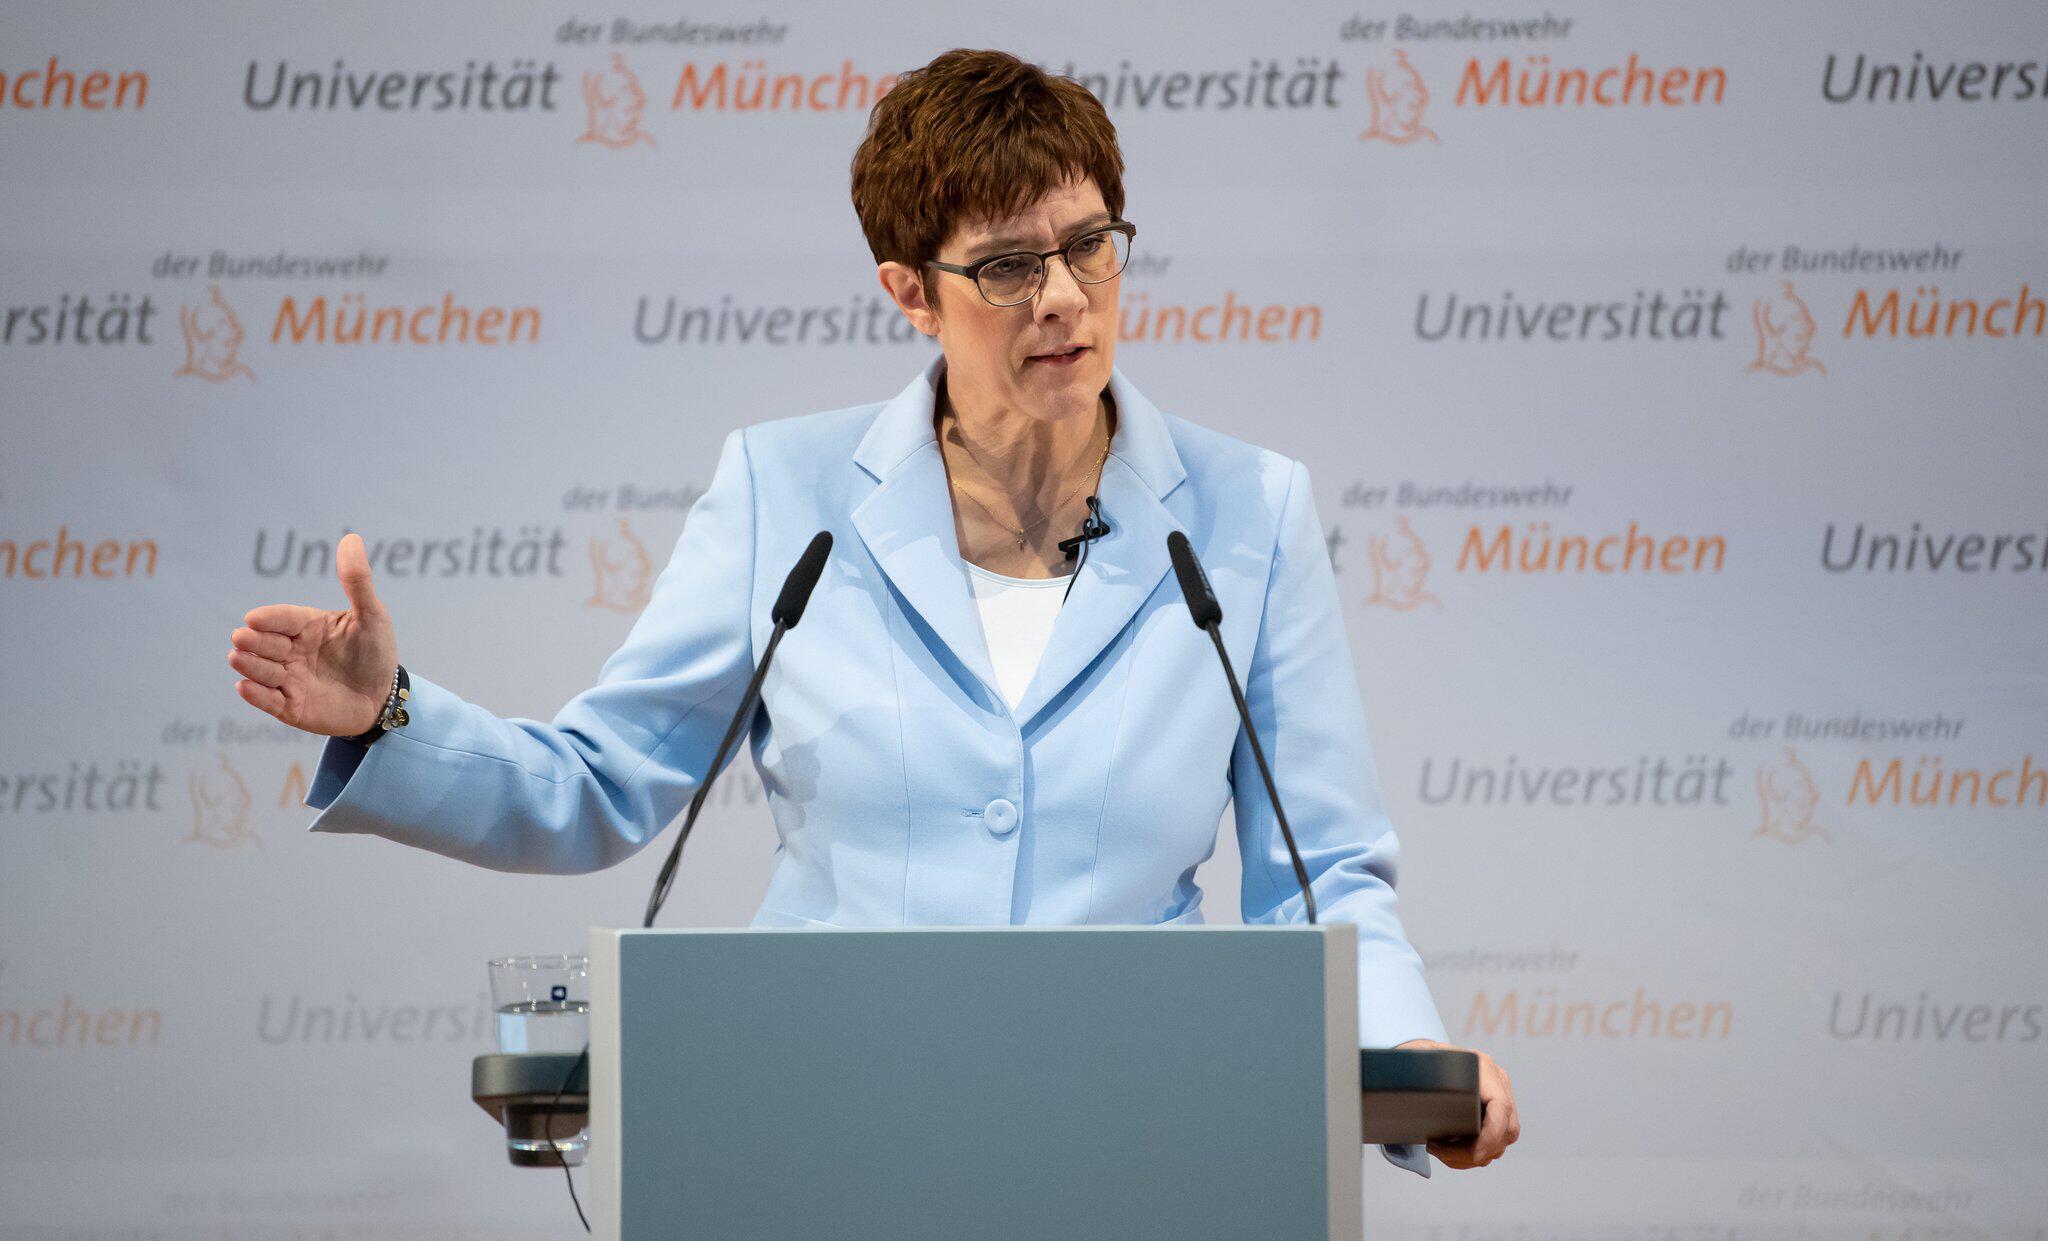 Verteidigung - Kramp-Karrenbauer schlägt Nationalen Sicherheitsrat vor